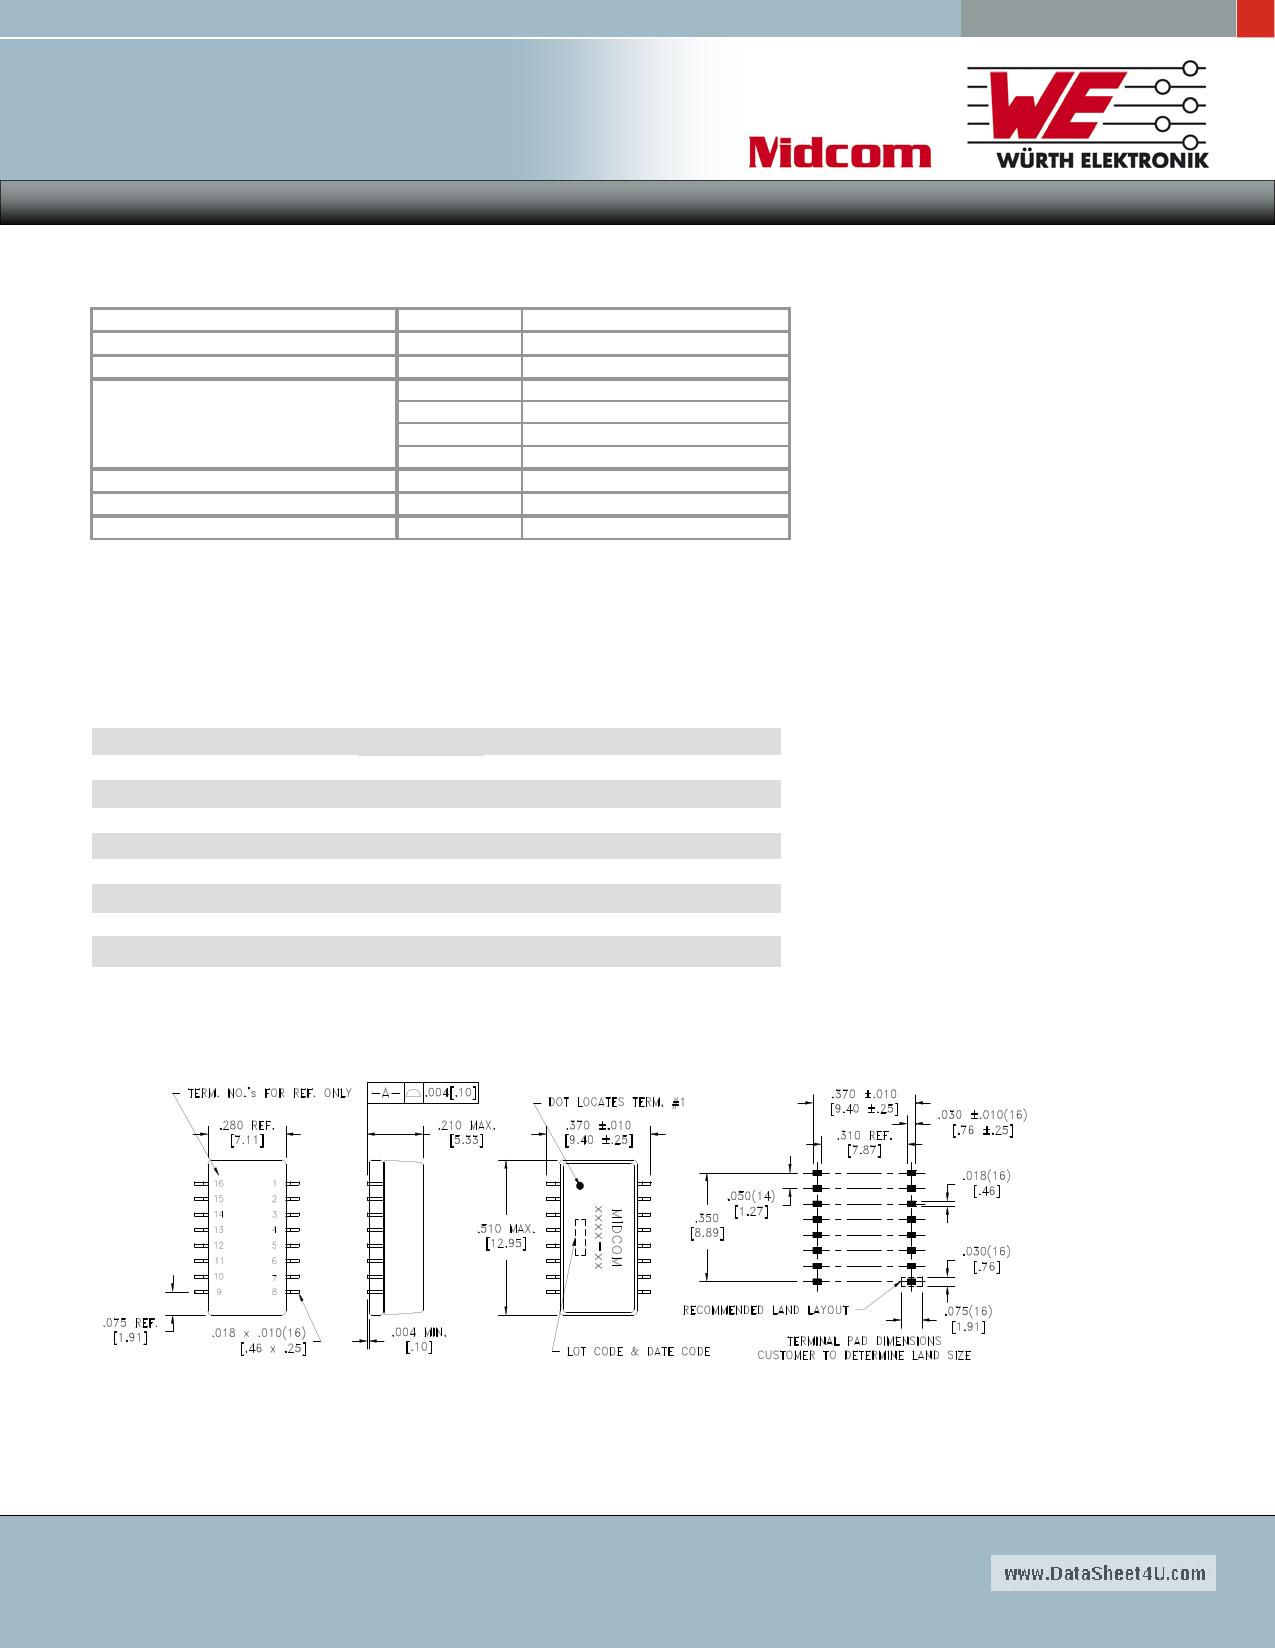 000-7092-37 datasheet